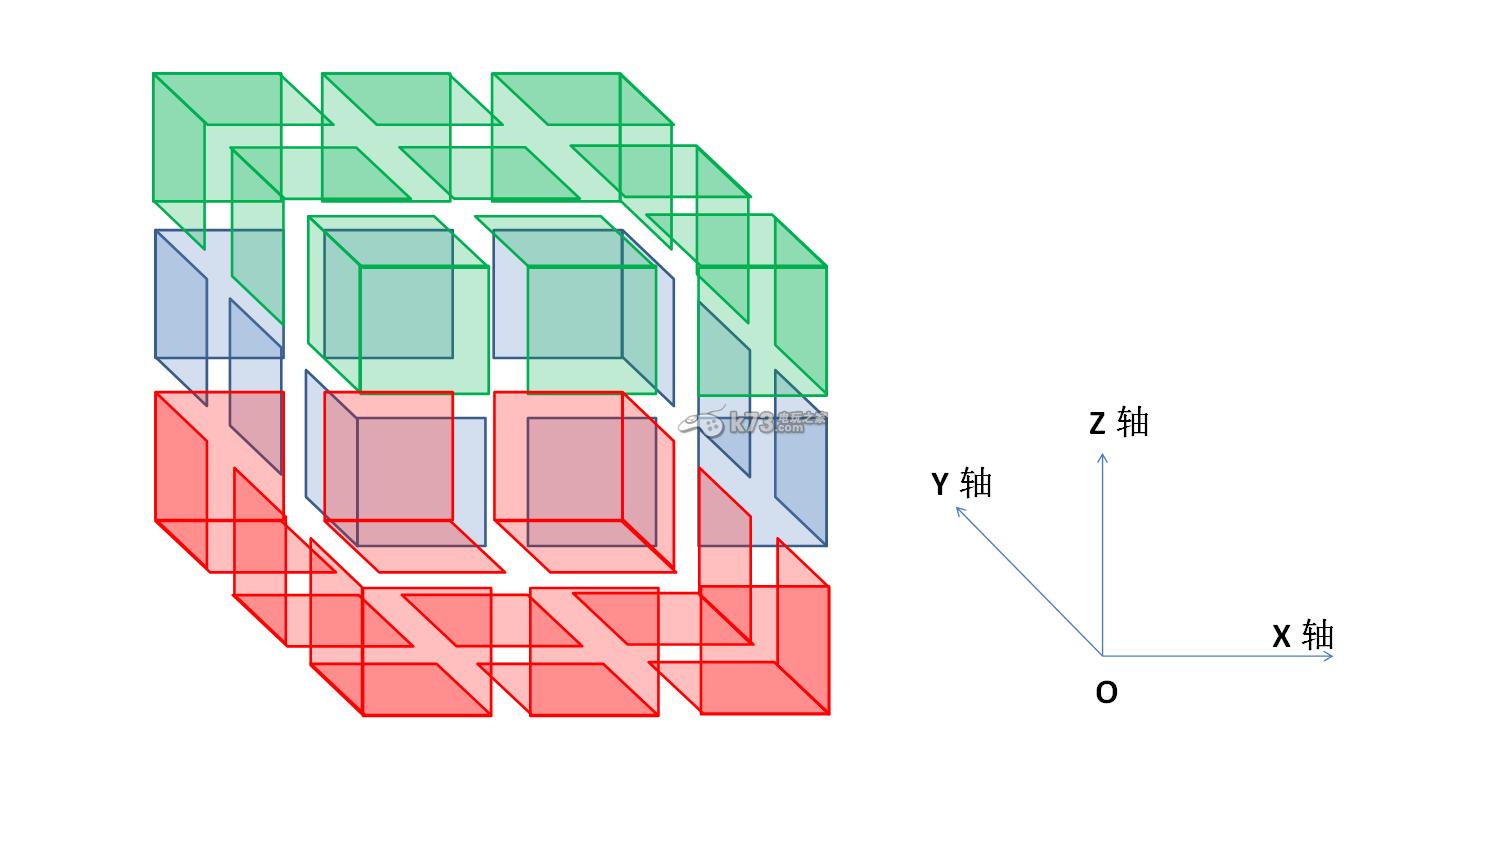 将魔方沿着XY平面分成上中下三层, 1、最上层转动,中下层不动 2、中间层转动,上下层不动 3、最下层转动,中上层不动 4、中间层不动,上下层同方向转动 5、中间层不动,上下层反方向转动 而其中的第2种:中间层转动,上下层不动则可以等效为第4种,而上下层又是完全等效的,所以最后以上5种情况可以简化为以下2种情况: 1、 中间层不动,上下层只有1层转动 2、 中间层不动,上下层都转动 最后,由于上层的转动与下层的转动是互相独立,没有关联的,所以再度简化后,就得出了一种情况 1、 中间层不动,上层/下层根据